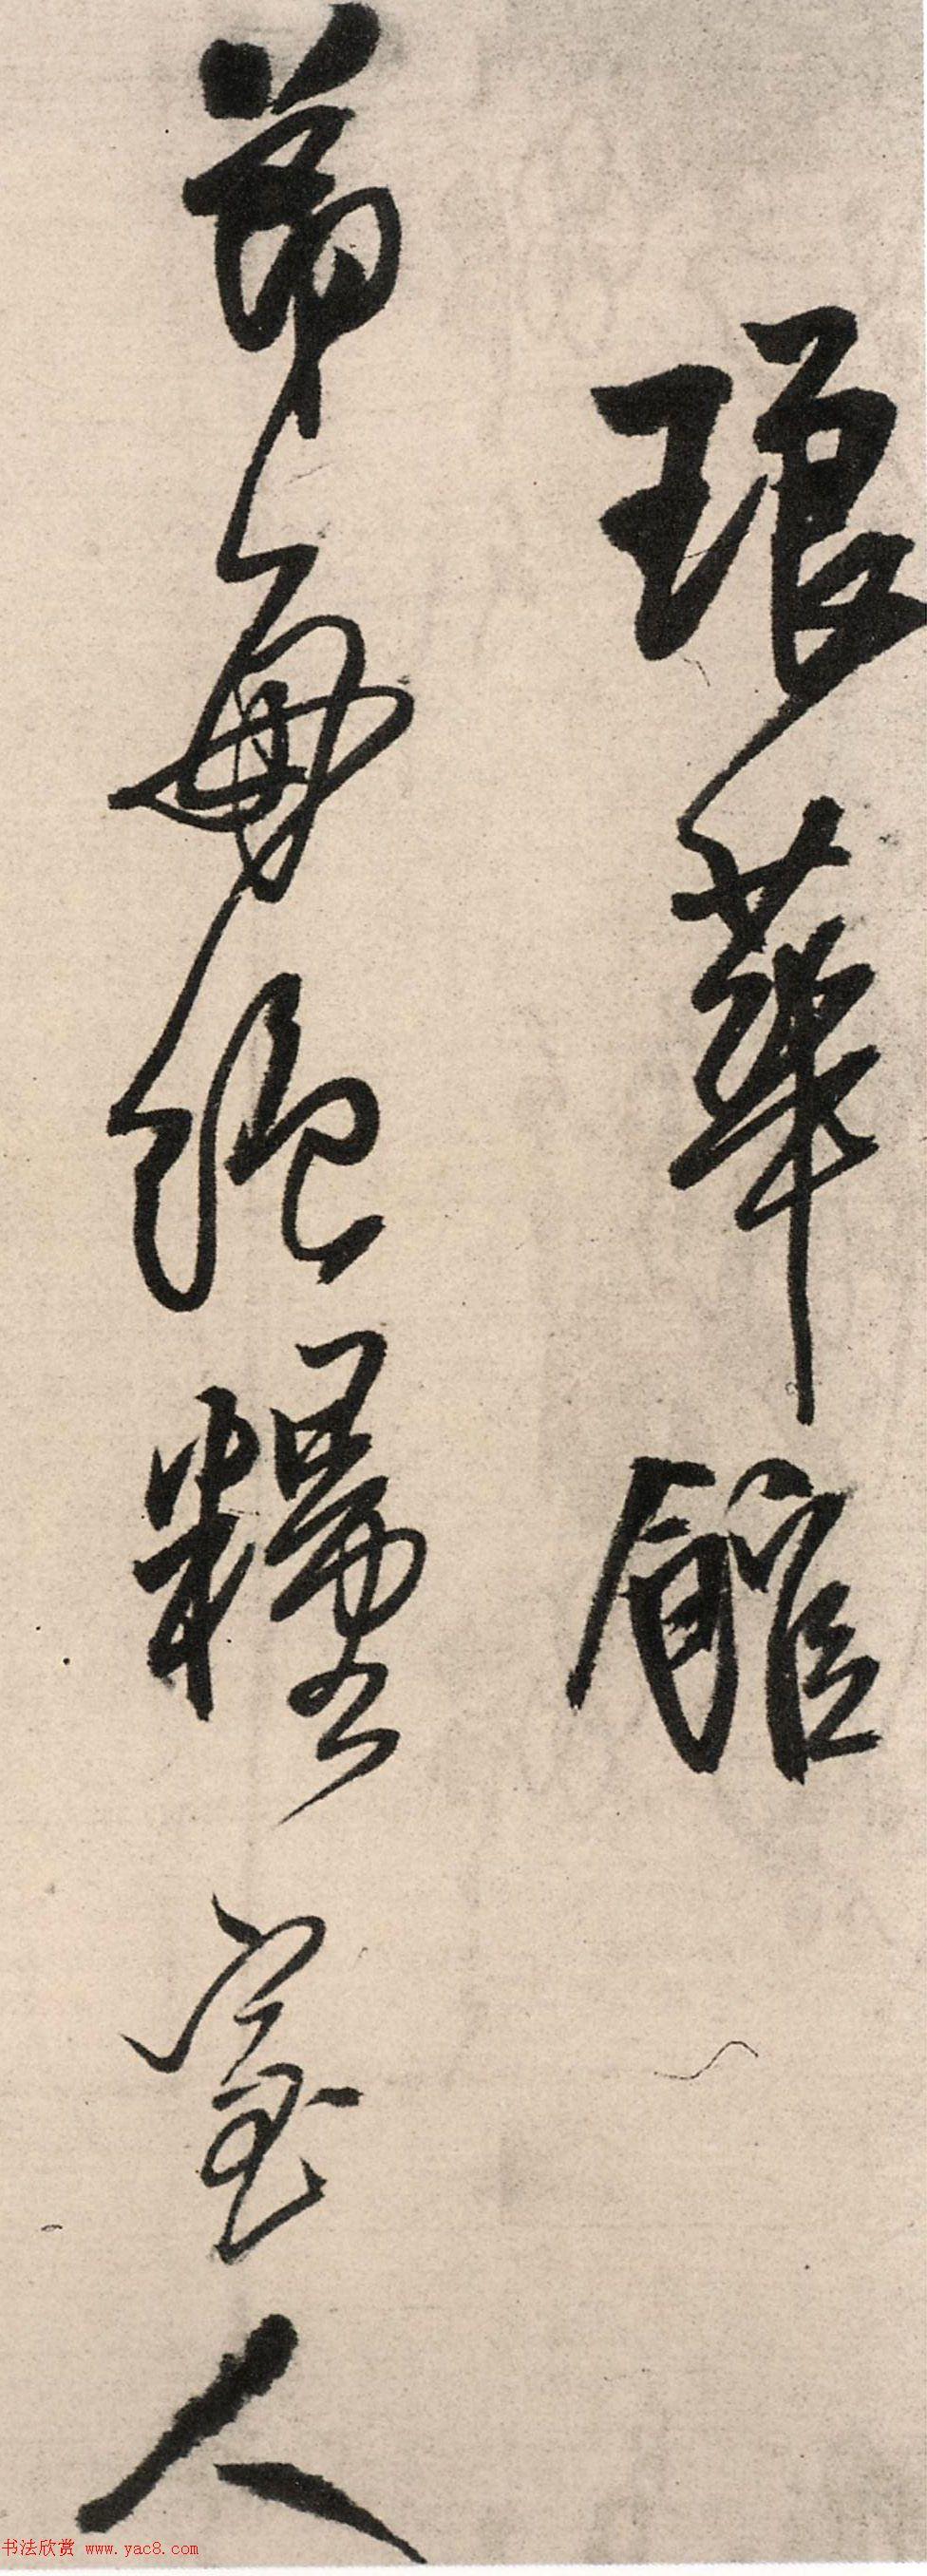 王铎行书墨迹《绝粮帖》(大图)